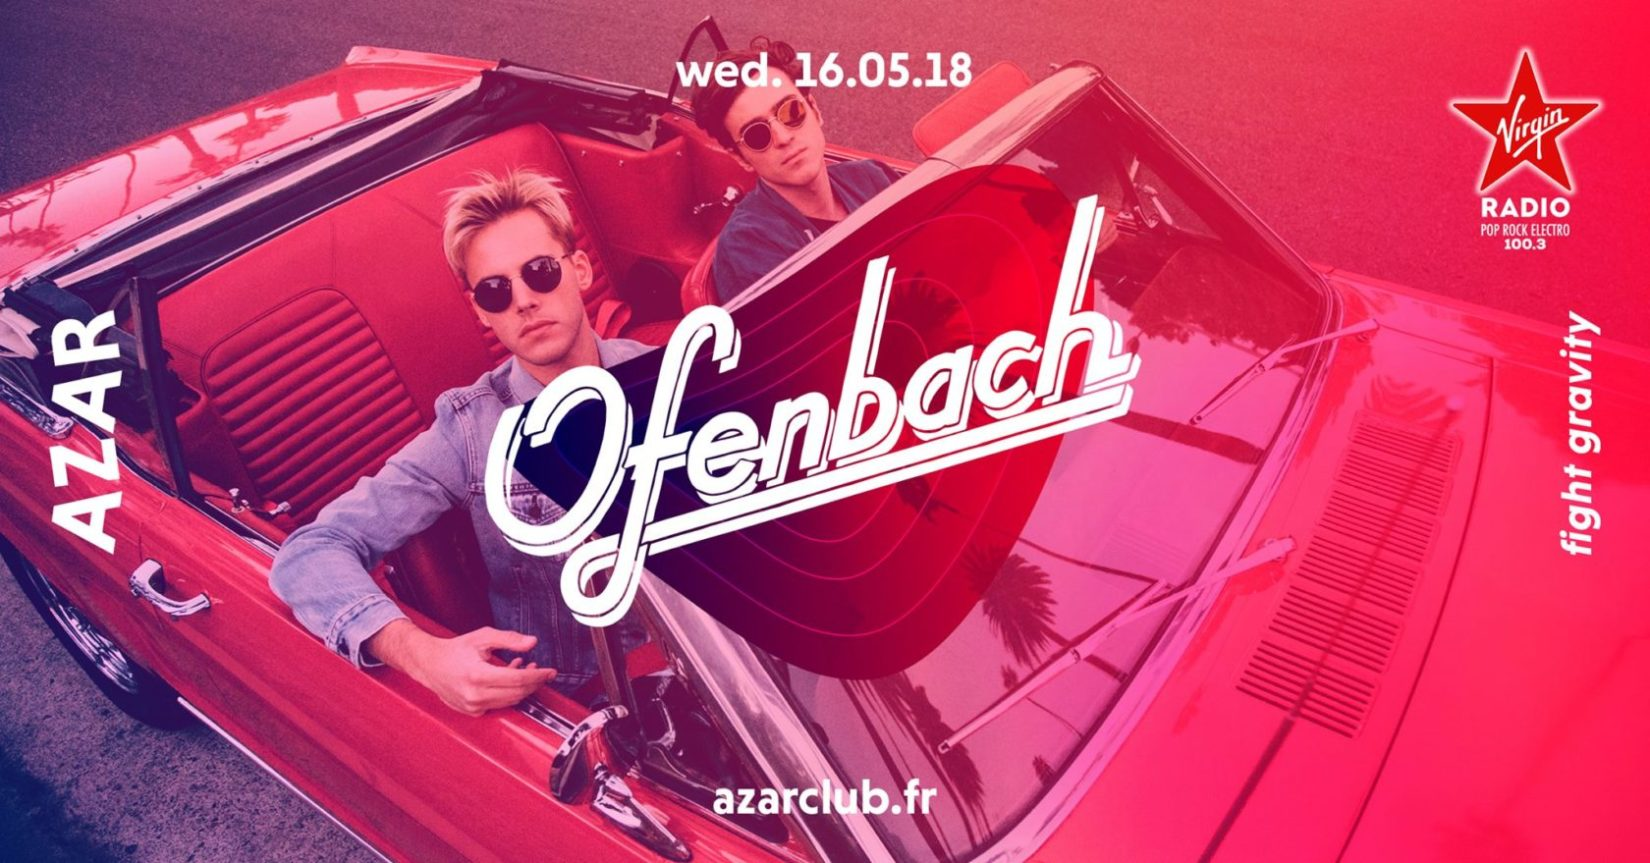 Ofenbach - AZAR club - 16.05.18